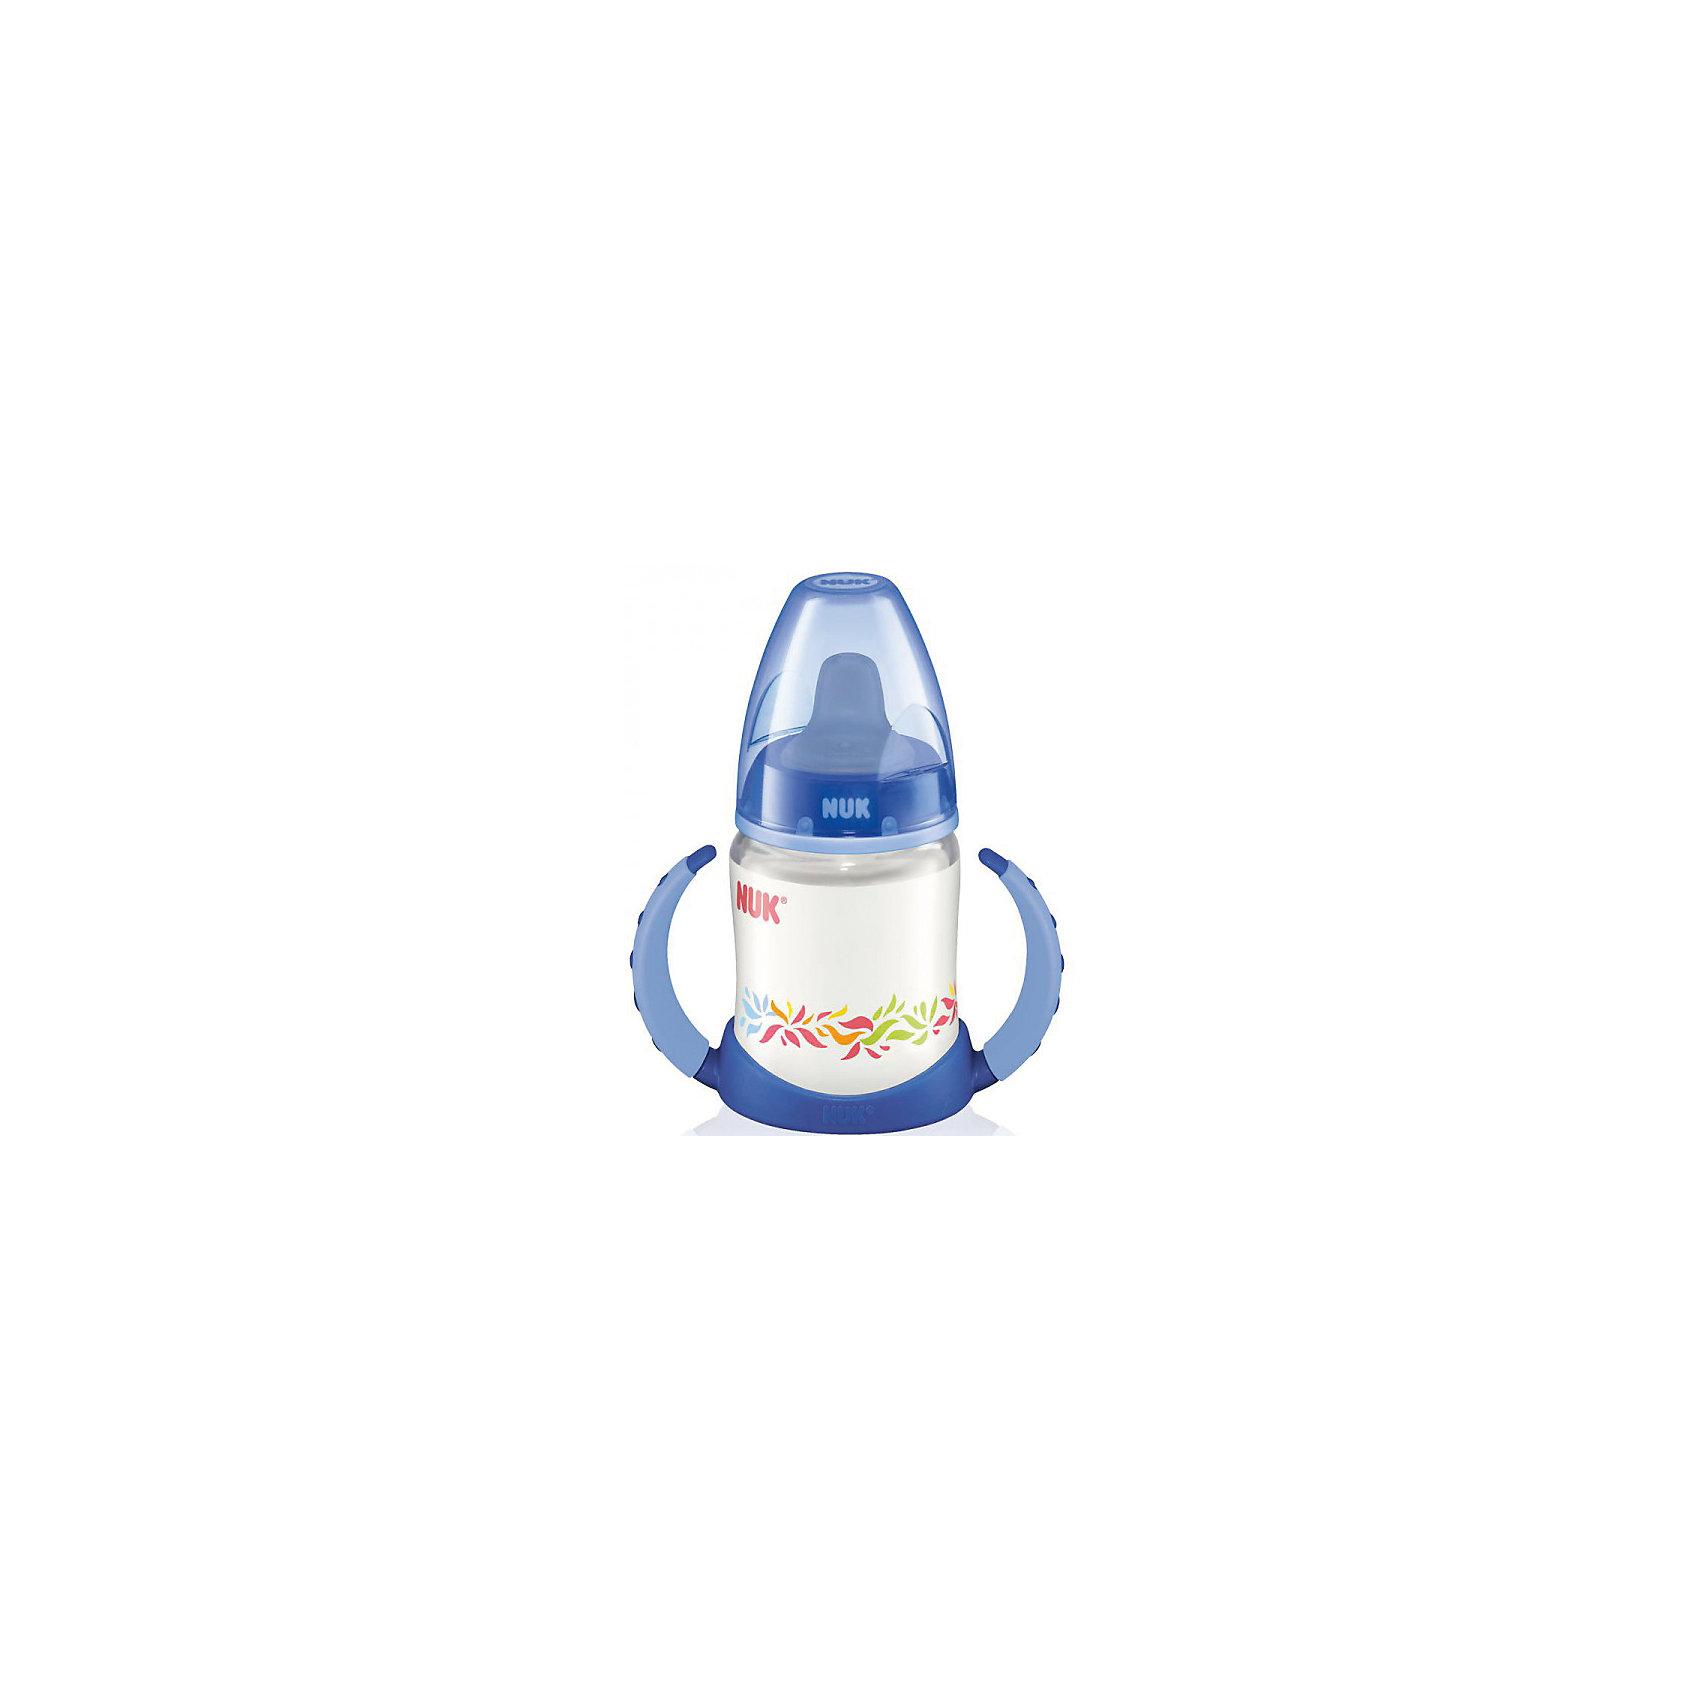 Бутылочка First Choice, 150 мл., NUK, синийХарактеристики изделия:<br><br>- объем: 150 мл;<br>- цвет: разноцветный;<br>- материал: латекс, полипропилен;<br>- широкое горло;<br>- размер соски: 1, S.<br><br>Детские товары существенно облегчают жизнь молодым мамам. Но существует множество необходимых вещей для материнства. К таким относится обыкновенная пластиковая бутылочка для вскармливания младенца. <br>Данная модель оптимально подходит для детей на смешанном вскармливании. Мягкий материал соски подойдет для самых маленьких. Есть 2 вида соски. Бутылочка легко очищается от любых поверхностных загрязнений, так как имеет удобное широкое горлышко. Оптимальный объем позволит использовать бутылочку для малышей от 0 до шести месяцев.<br><br>Бутылочку First Choice от производителя NUK можно купить в нашем магазине.<br><br>Ширина мм: 120<br>Глубина мм: 65<br>Высота мм: 185<br>Вес г: 133<br>Возраст от месяцев: 0<br>Возраст до месяцев: 6<br>Пол: Унисекс<br>Возраст: Детский<br>SKU: 5065238